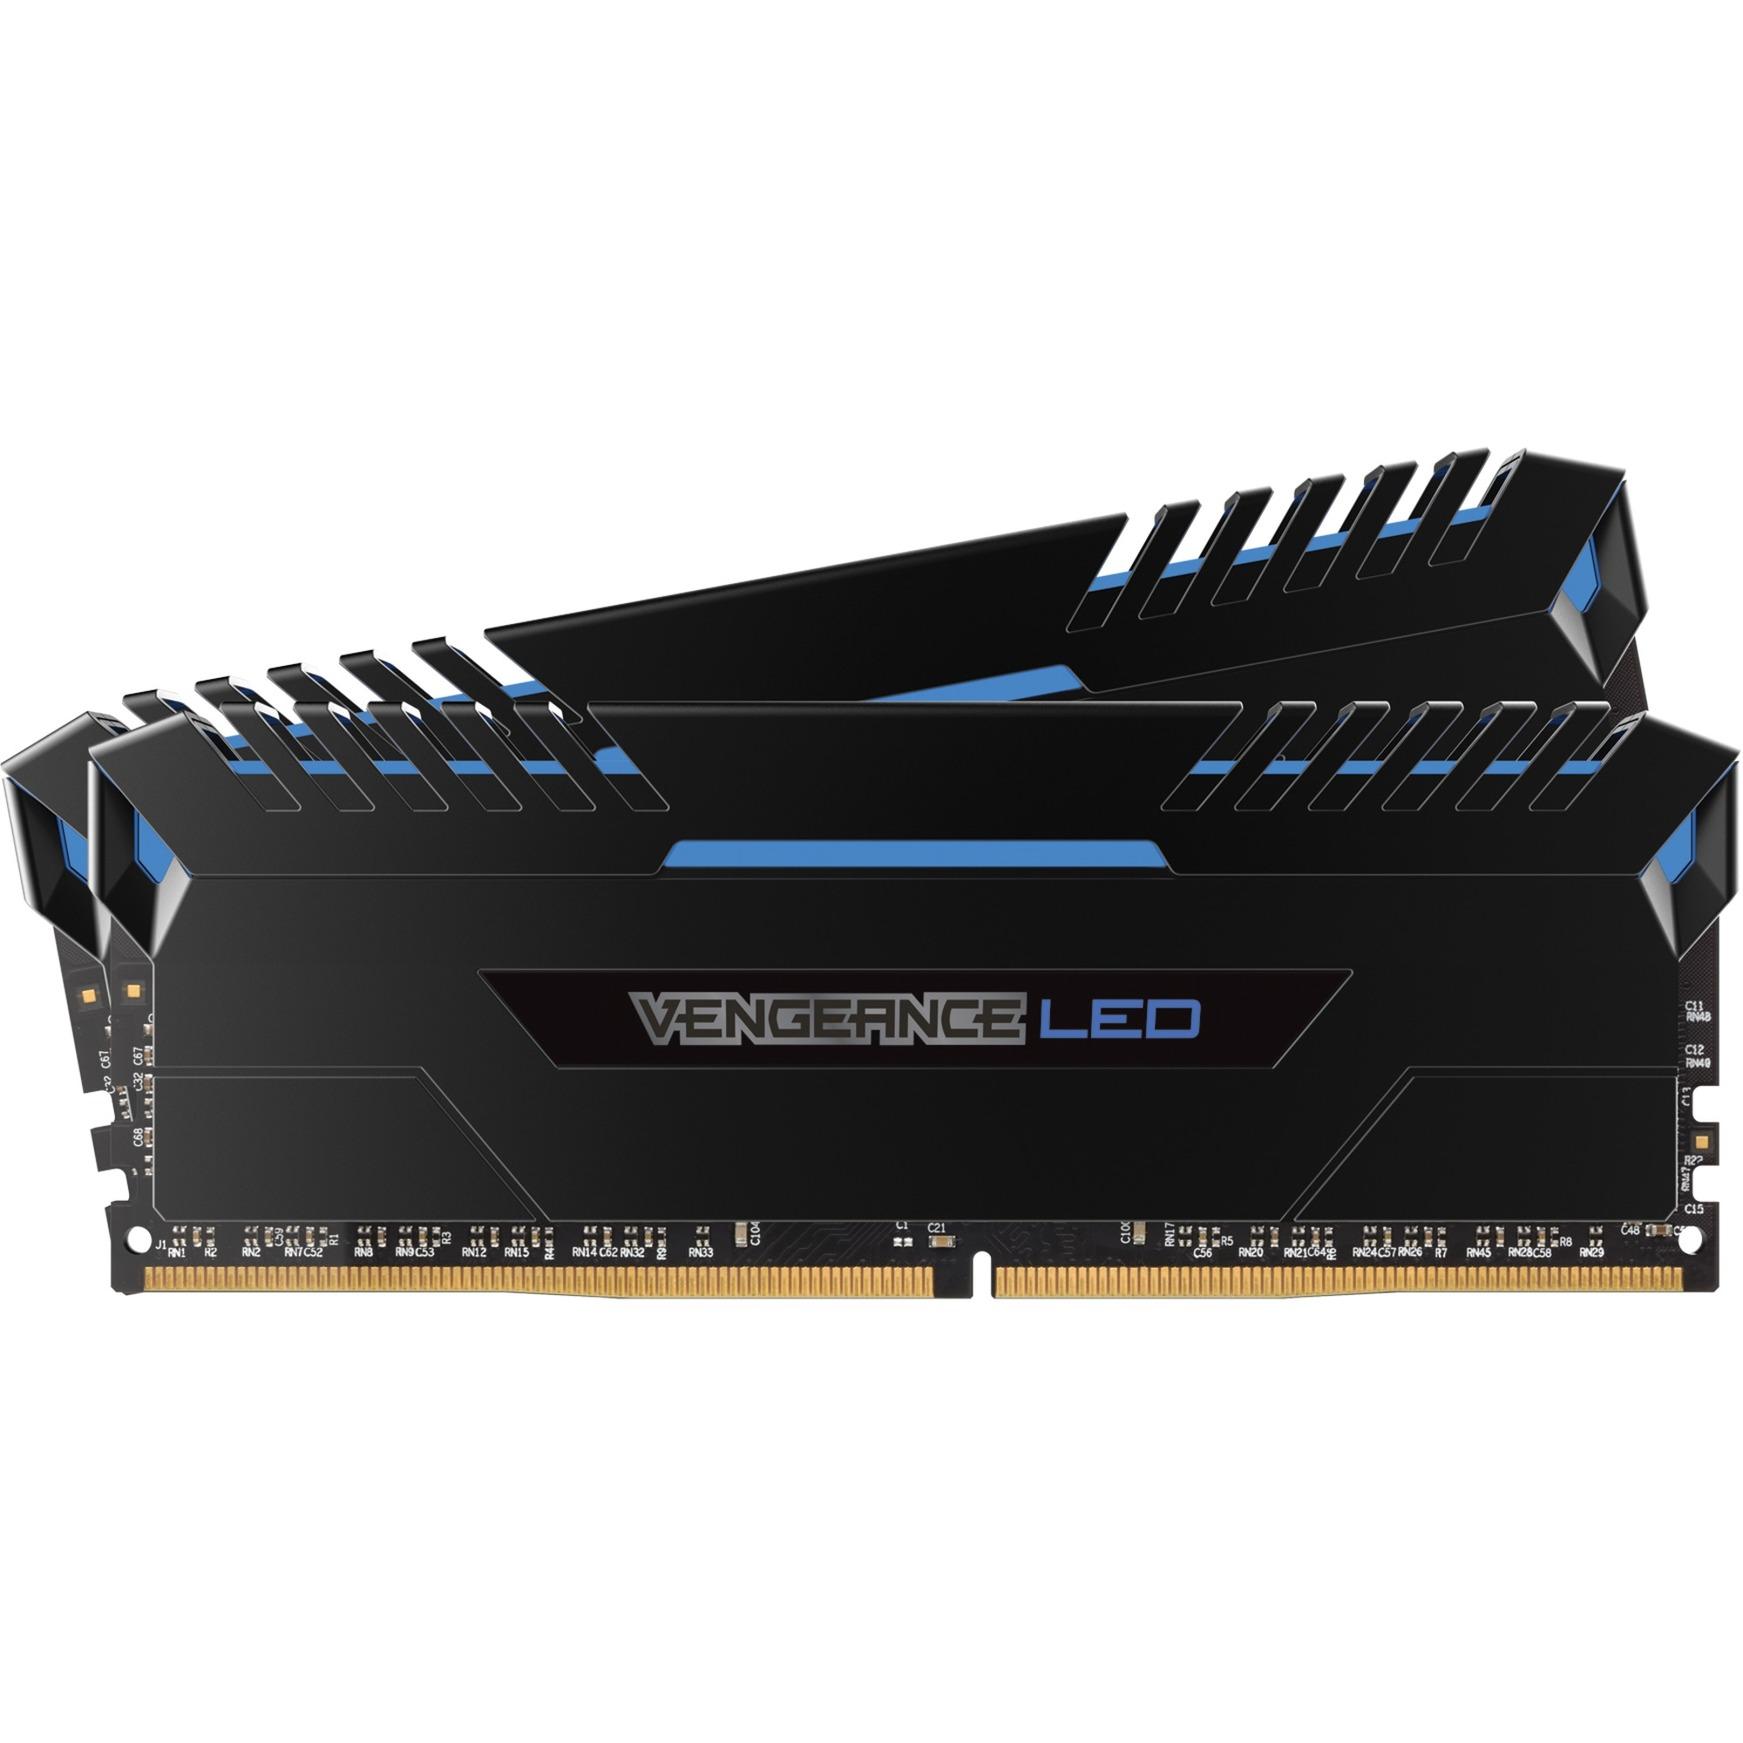 Vengeance LED, 16 GB, 2666 MHz, DDR4 16Go DDR4 2666MHz module de mémoire